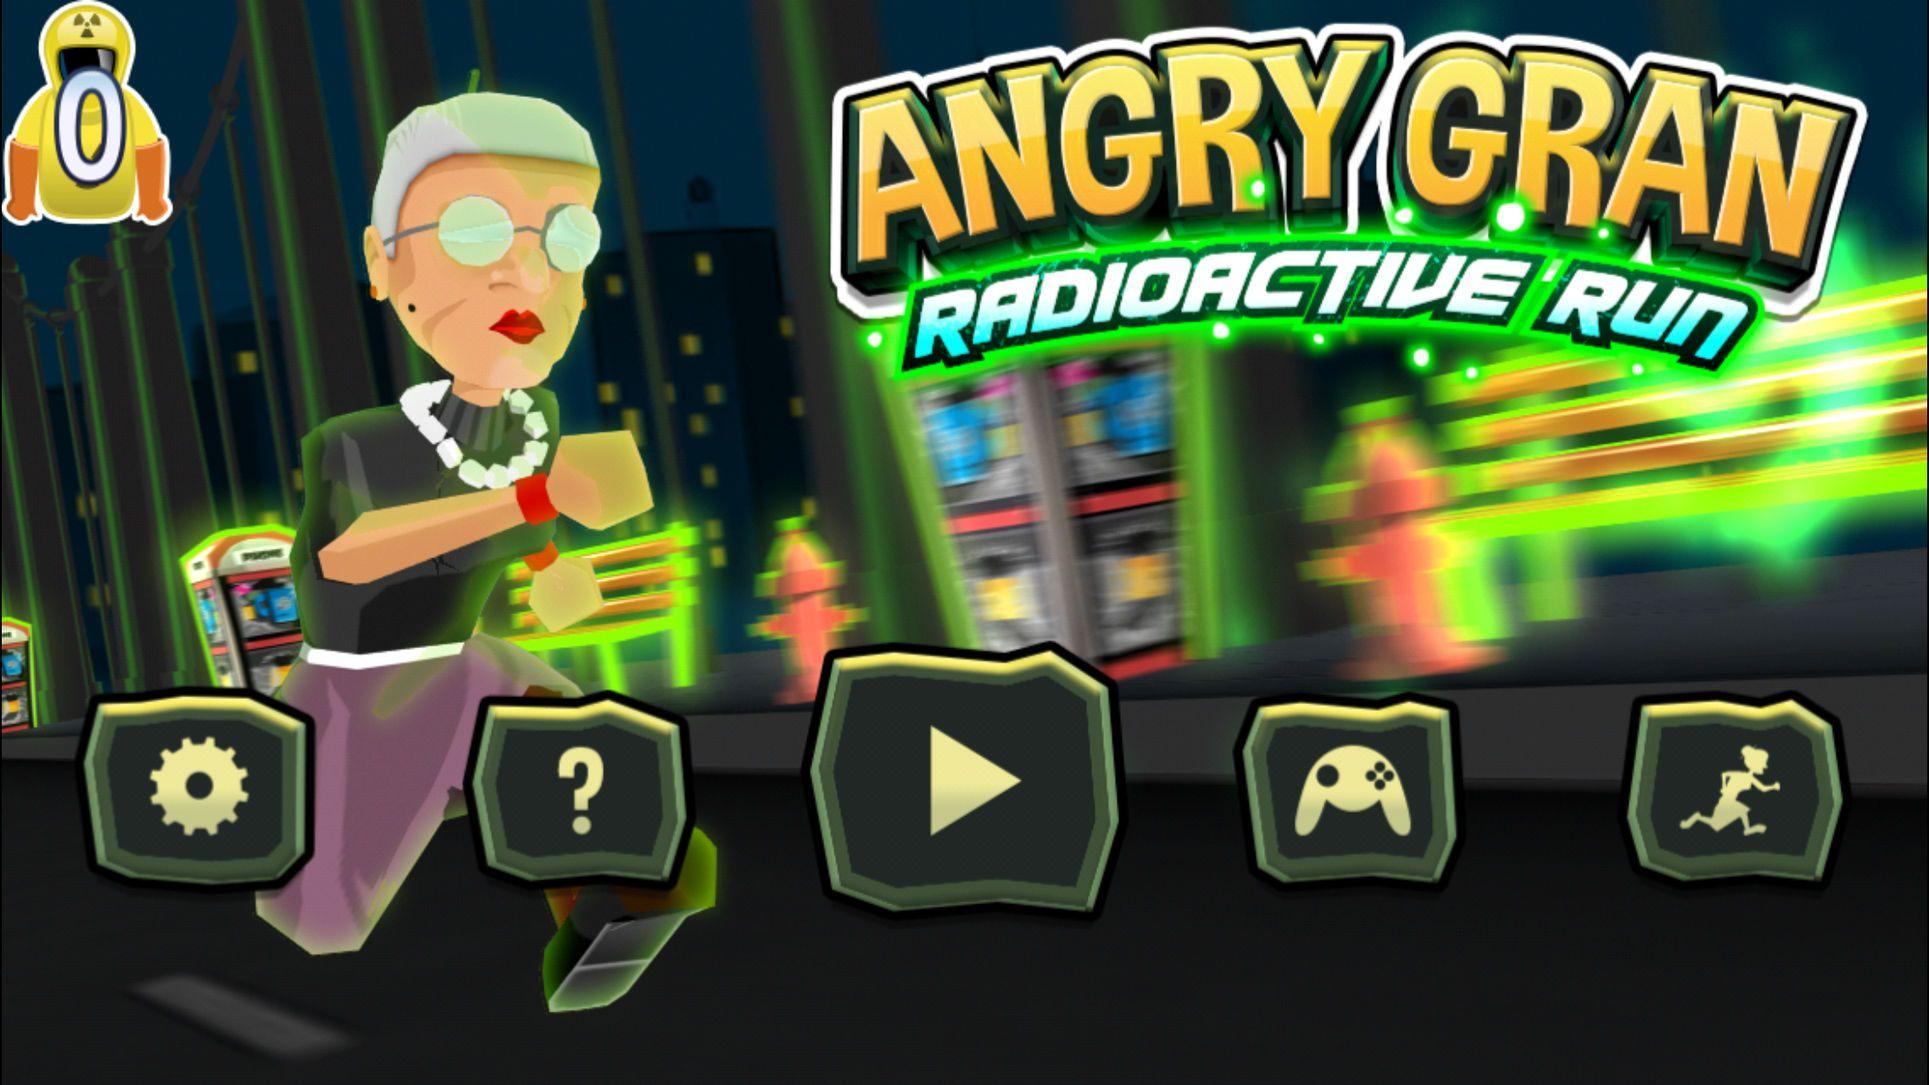 Angry Gran Radioactive Run RacingGamesSportsios Free